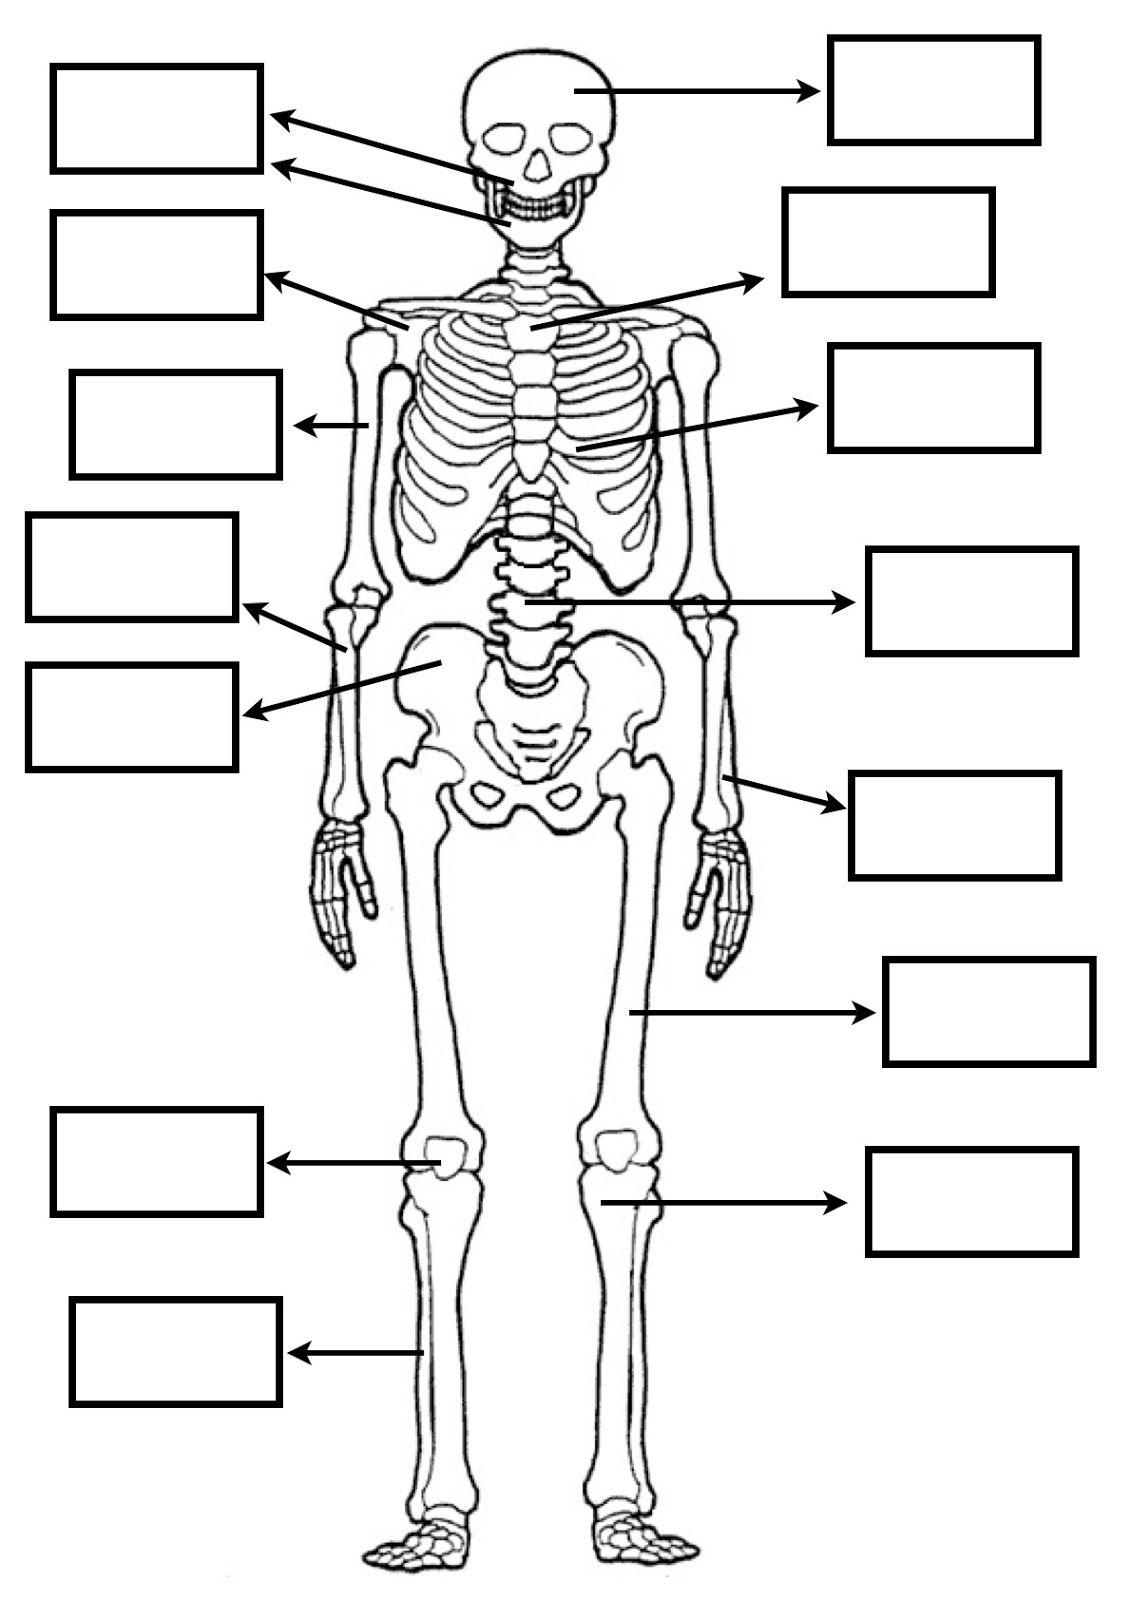 Recursos Y Actividades Para Educación Infantil Con Los Que Todo Maestro Sueña Huesos Del Cuerpo Humano Actividades Del Cuerpo Humano Cuerpo Humano Para Niños